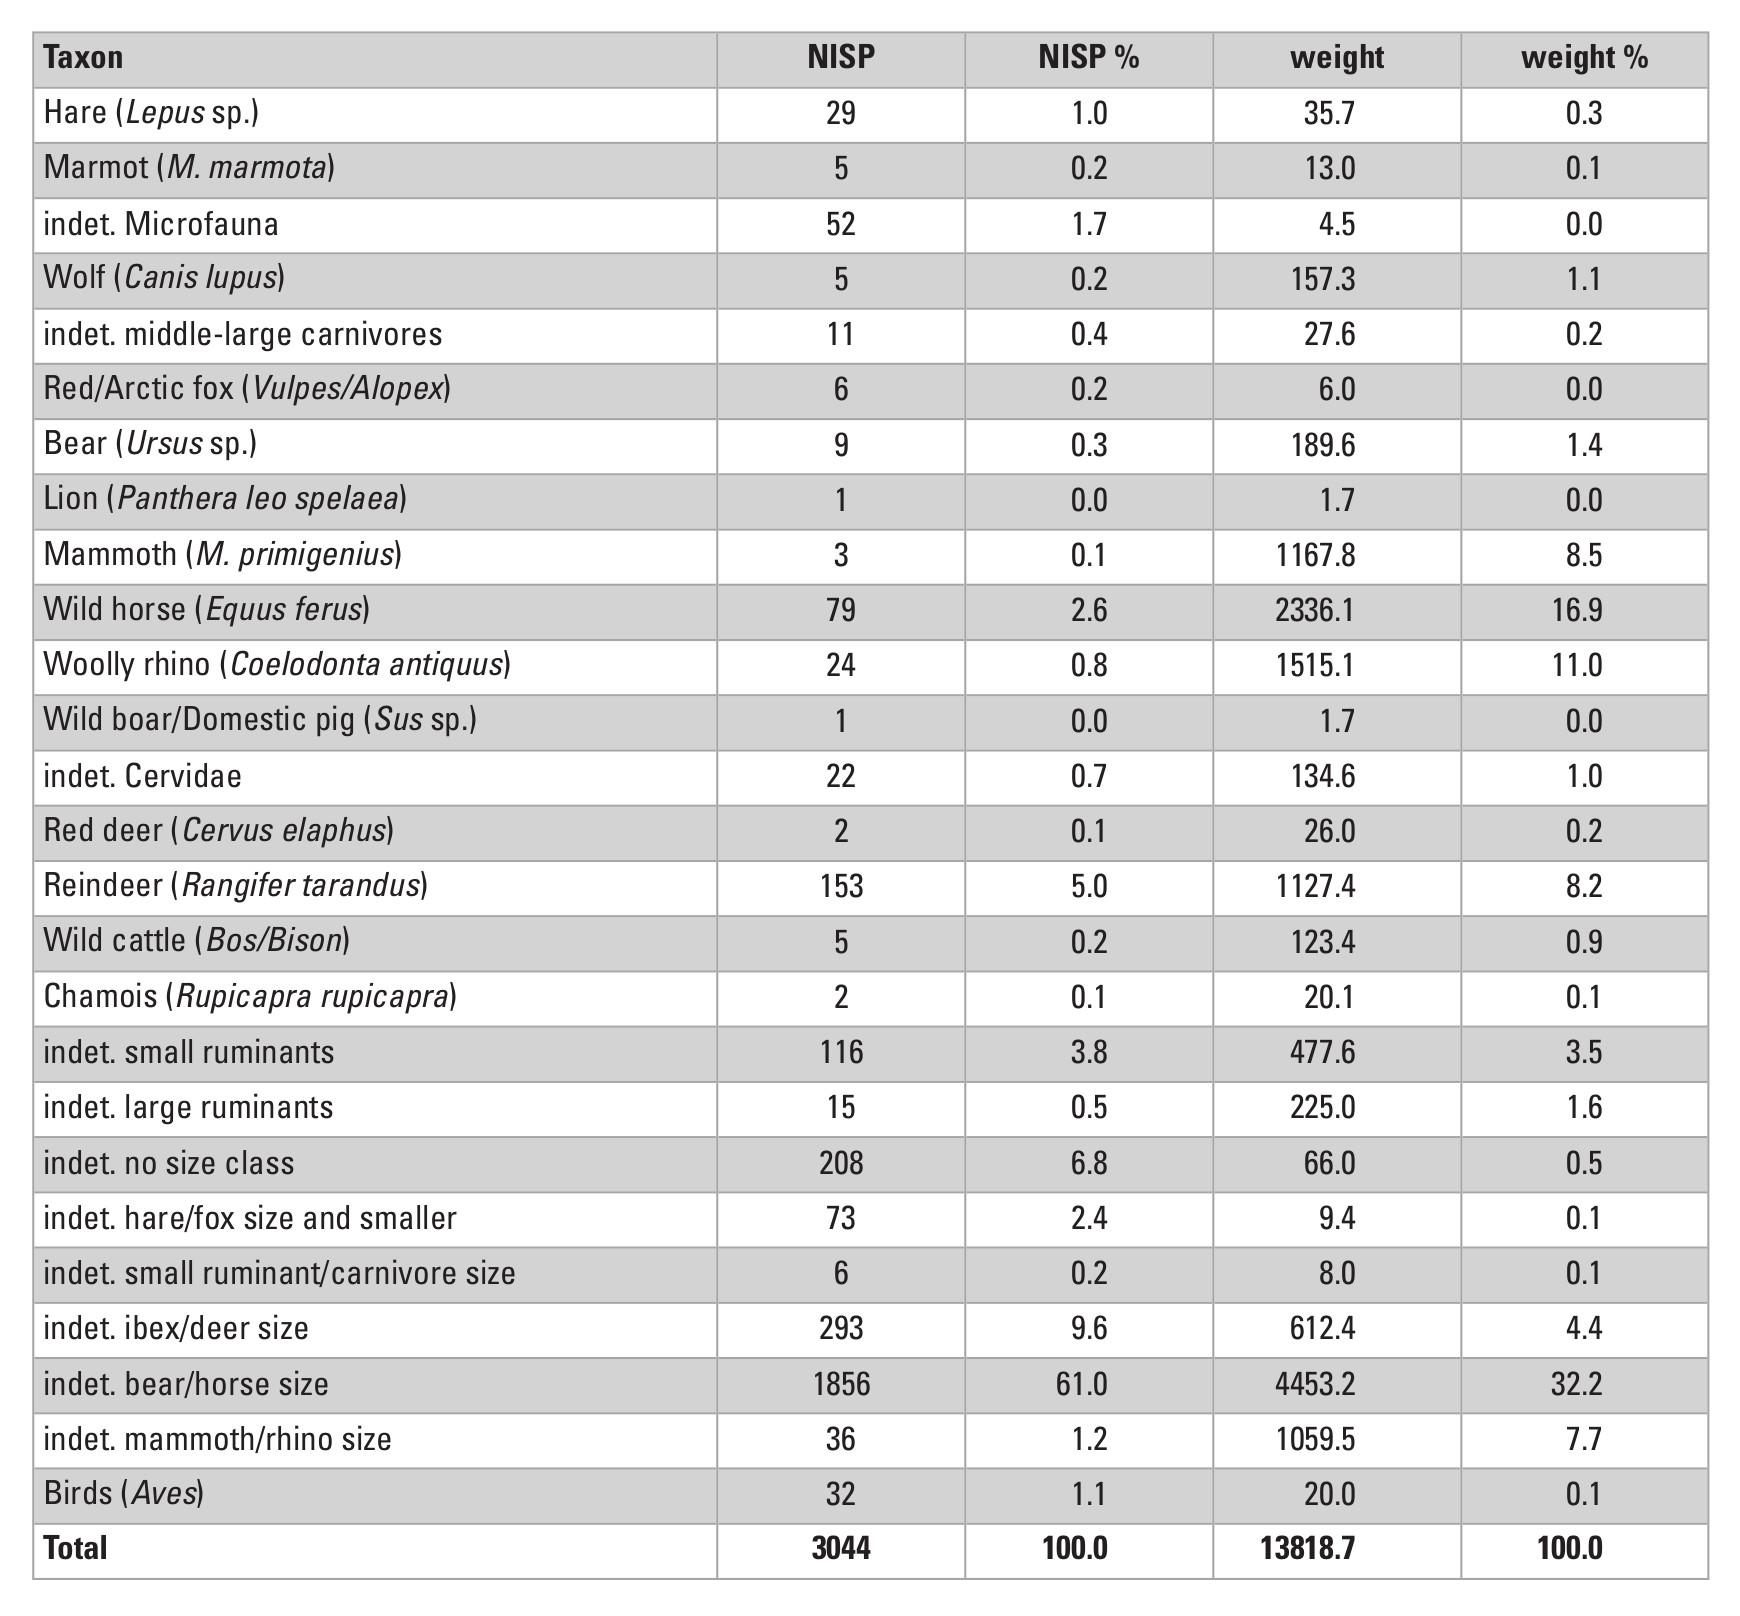 Table 6: Species list